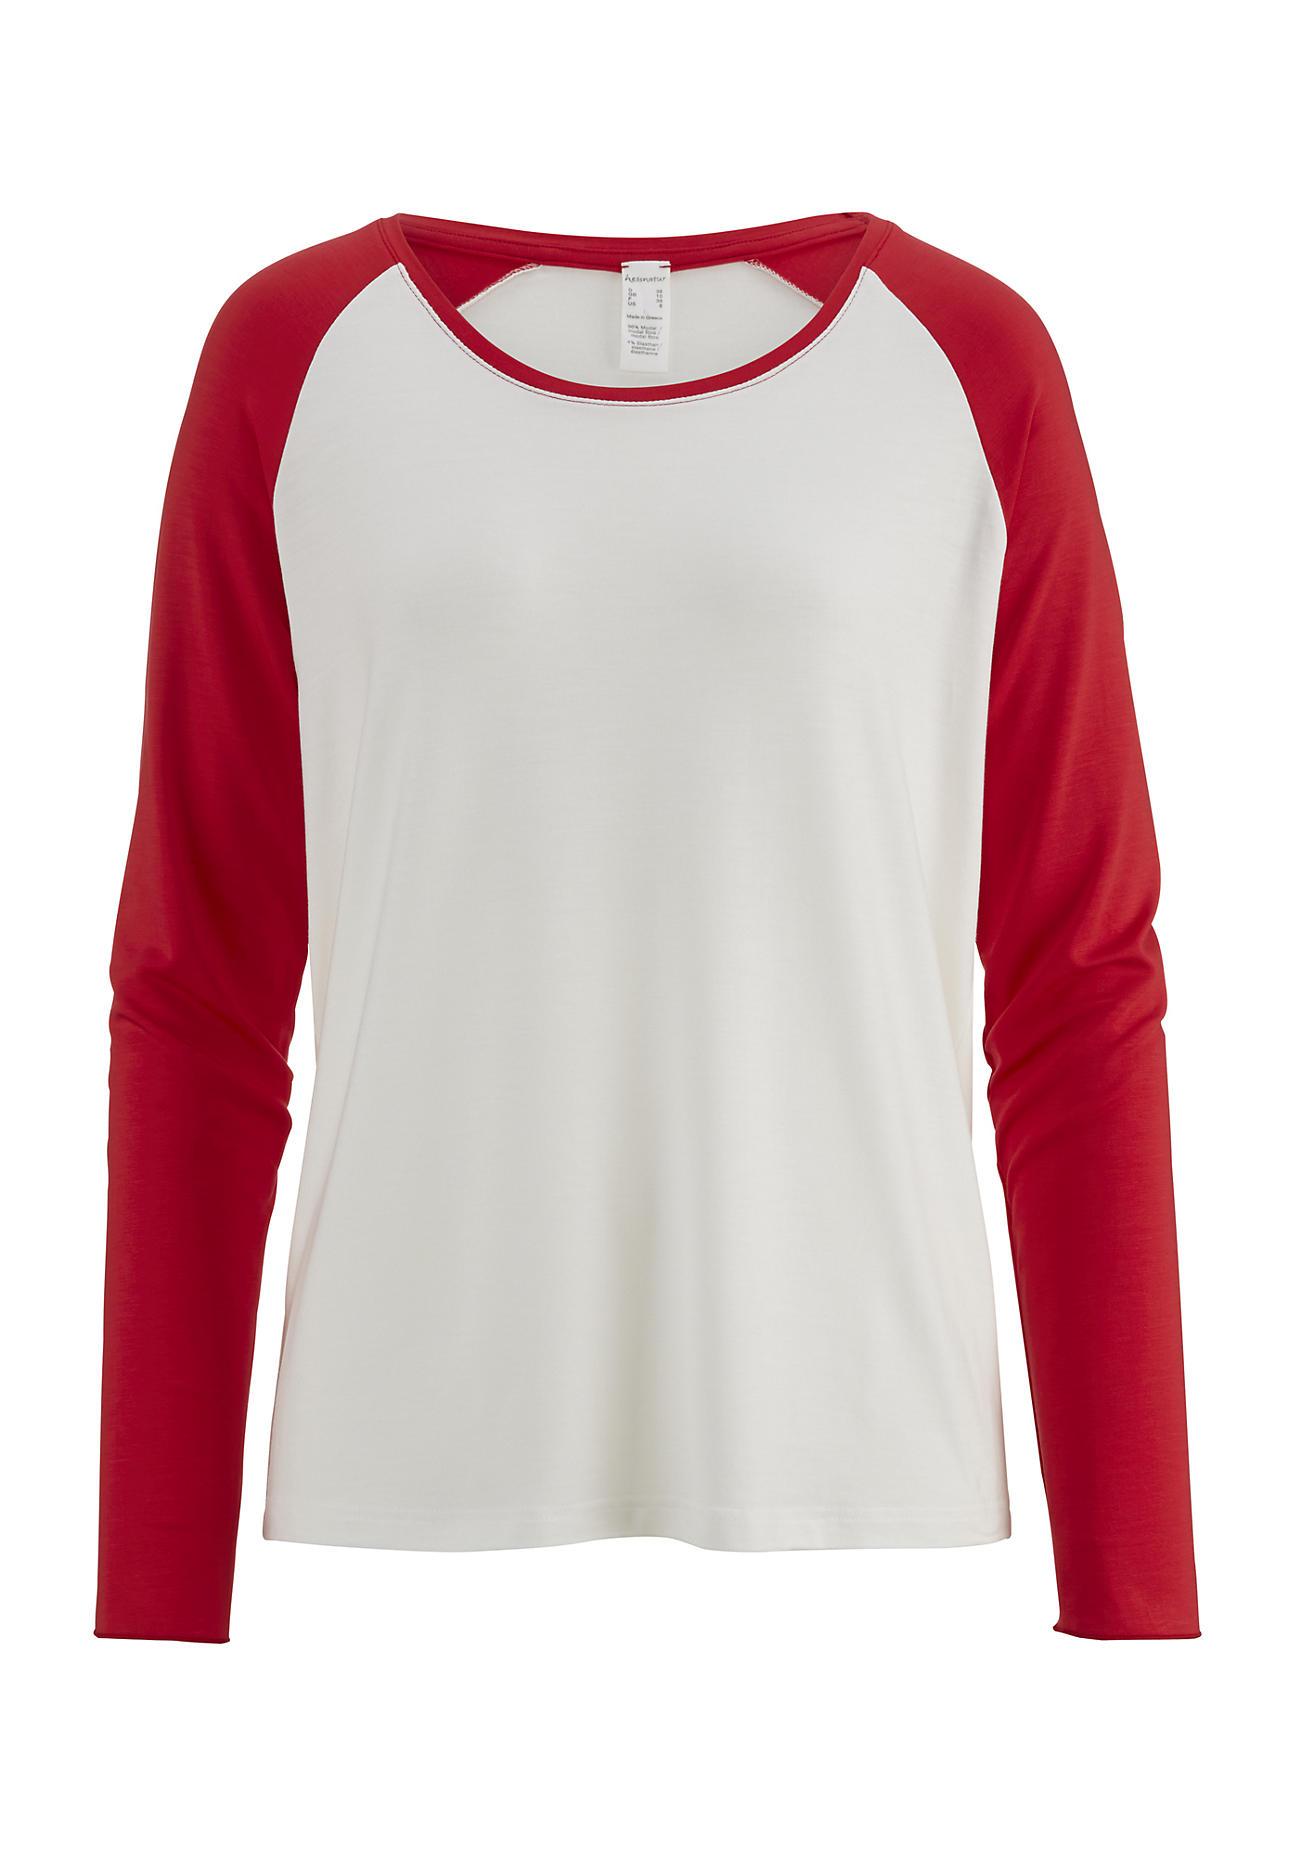 Waesche für Frauen - hessnatur Damen Damen Shirt aus Modal – rot – Größe 38  - Onlineshop Hessnatur